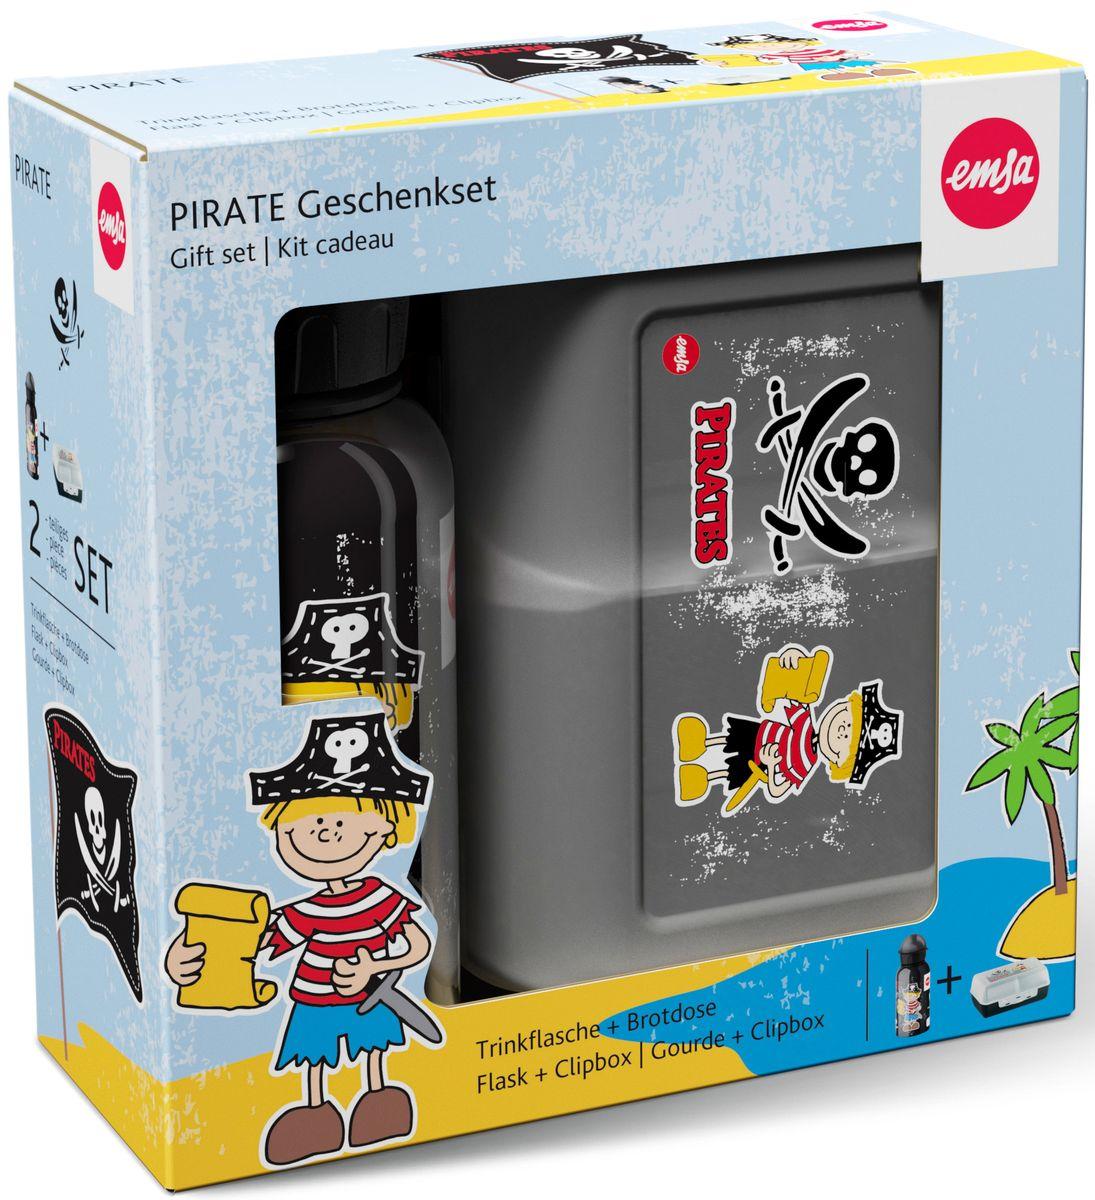 Ланч-бокс Emsa Pirat Kids, с фляжкой, цвет: серый, черный516164Ланч-бокс и фляжка Emsa Pirat Kids выполнены из пищевого пластика. Ланч-бокс для детей позволяет взять даже сложный обед, из нескольких блюд, в одном компактном контейнере, так как имеет разделитель. Контейнер надежно закрывается на клипсу. Фляга изготовлена из алюминия и покрыта специальным составом, который препятствует окислению. В нее можно заливать не только воду, но и соки, чай и другие напитки. Из фляги очень удобно пить, а крышка закрывается абсолютно герметично. Объем фляги: 0, 4 л.